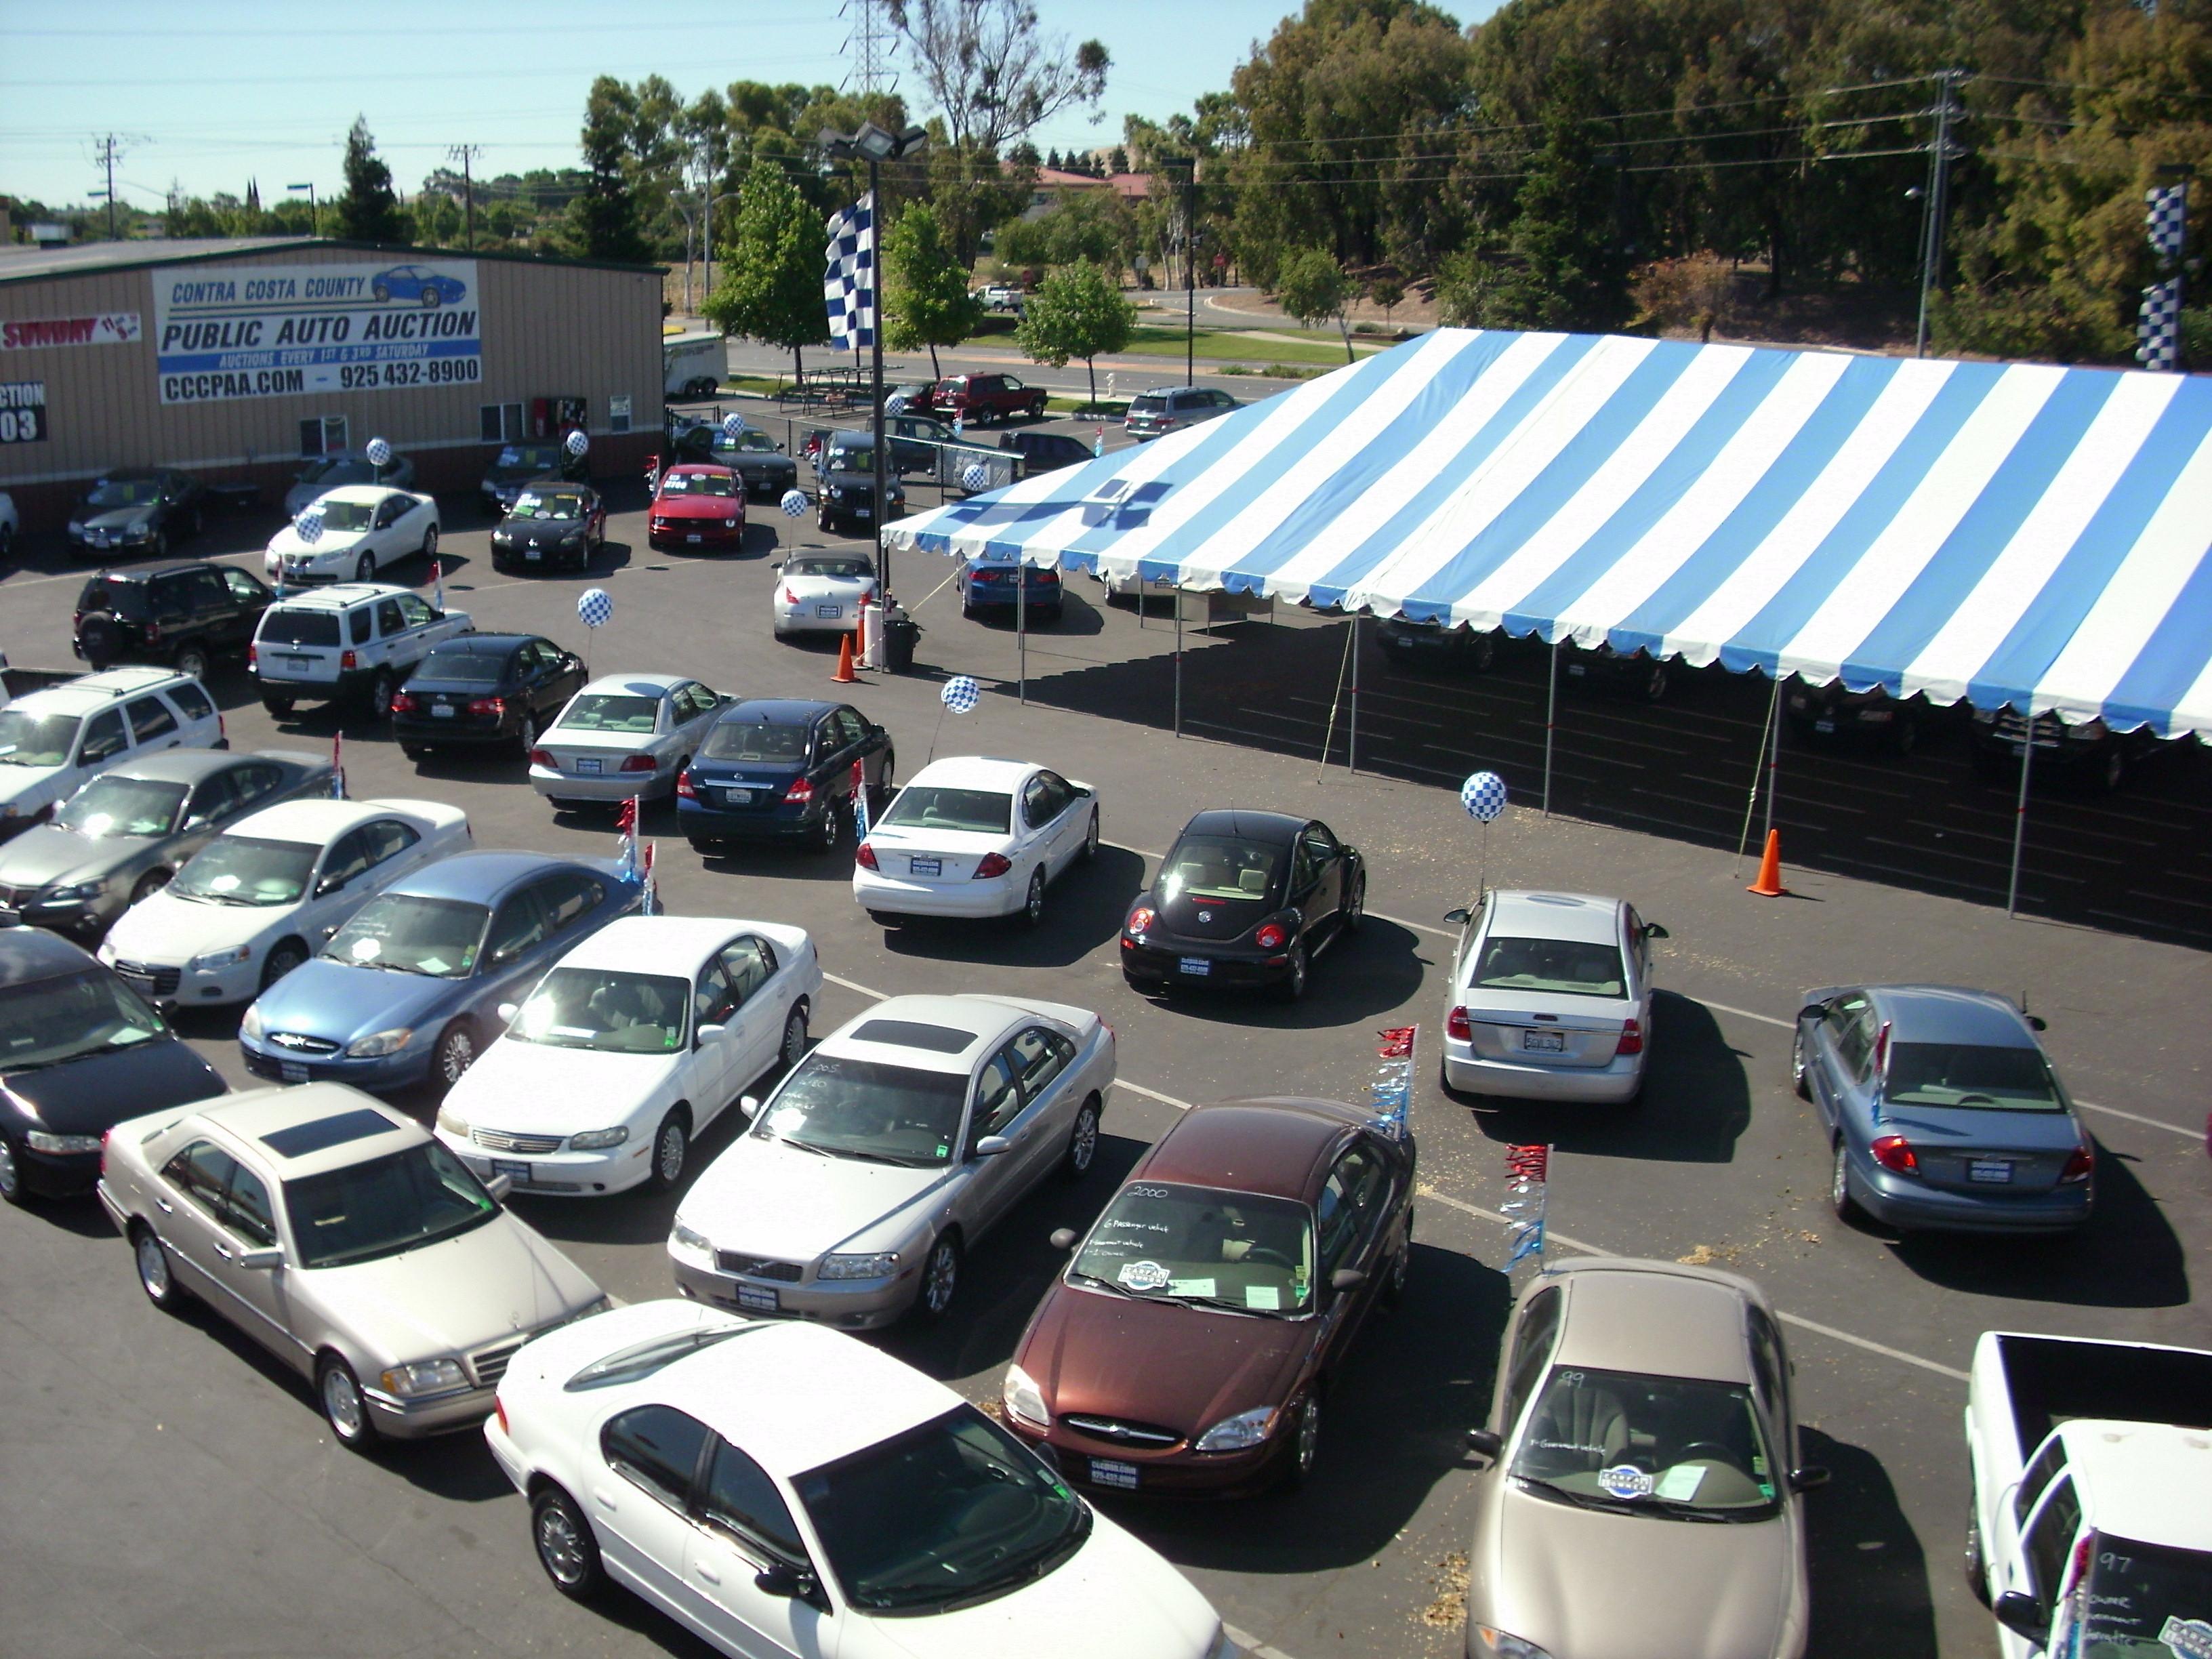 como vender mi carro al estado como comprar y vender carros y ganar dinero | en-phone.com/blog